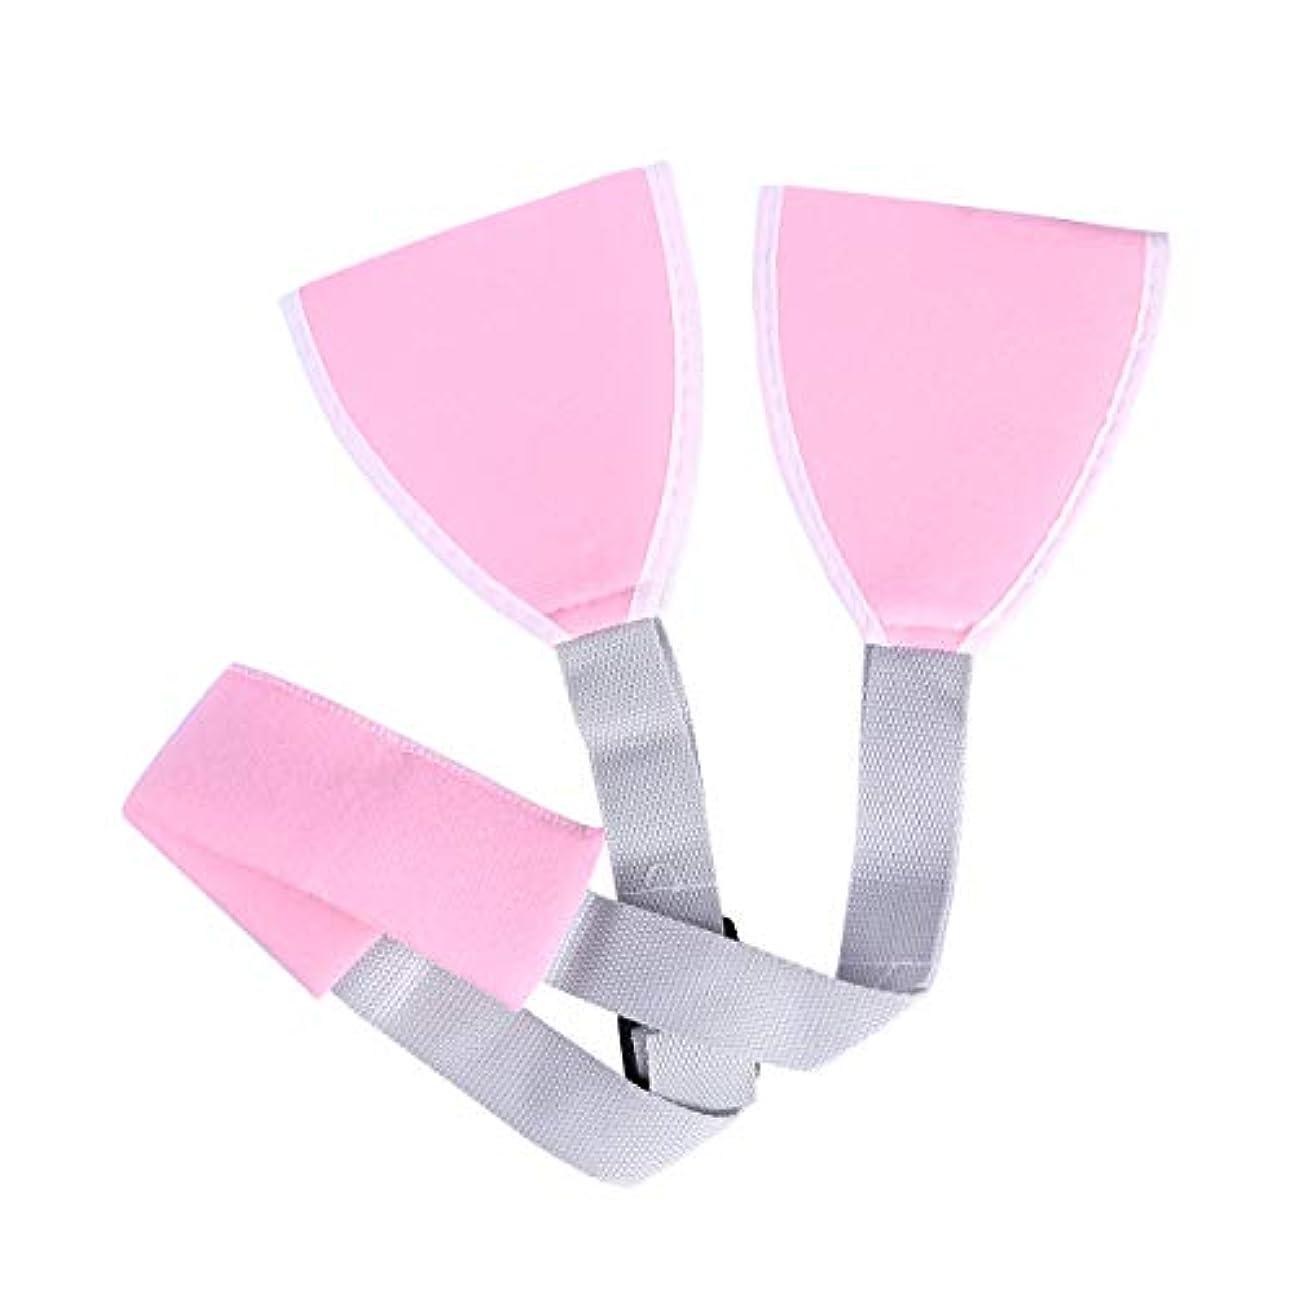 肝透過性噴出するROSENICE アームスリングアジャスタブルショルダエルボサポートブレスメディカルスリングアーム(ピンク)